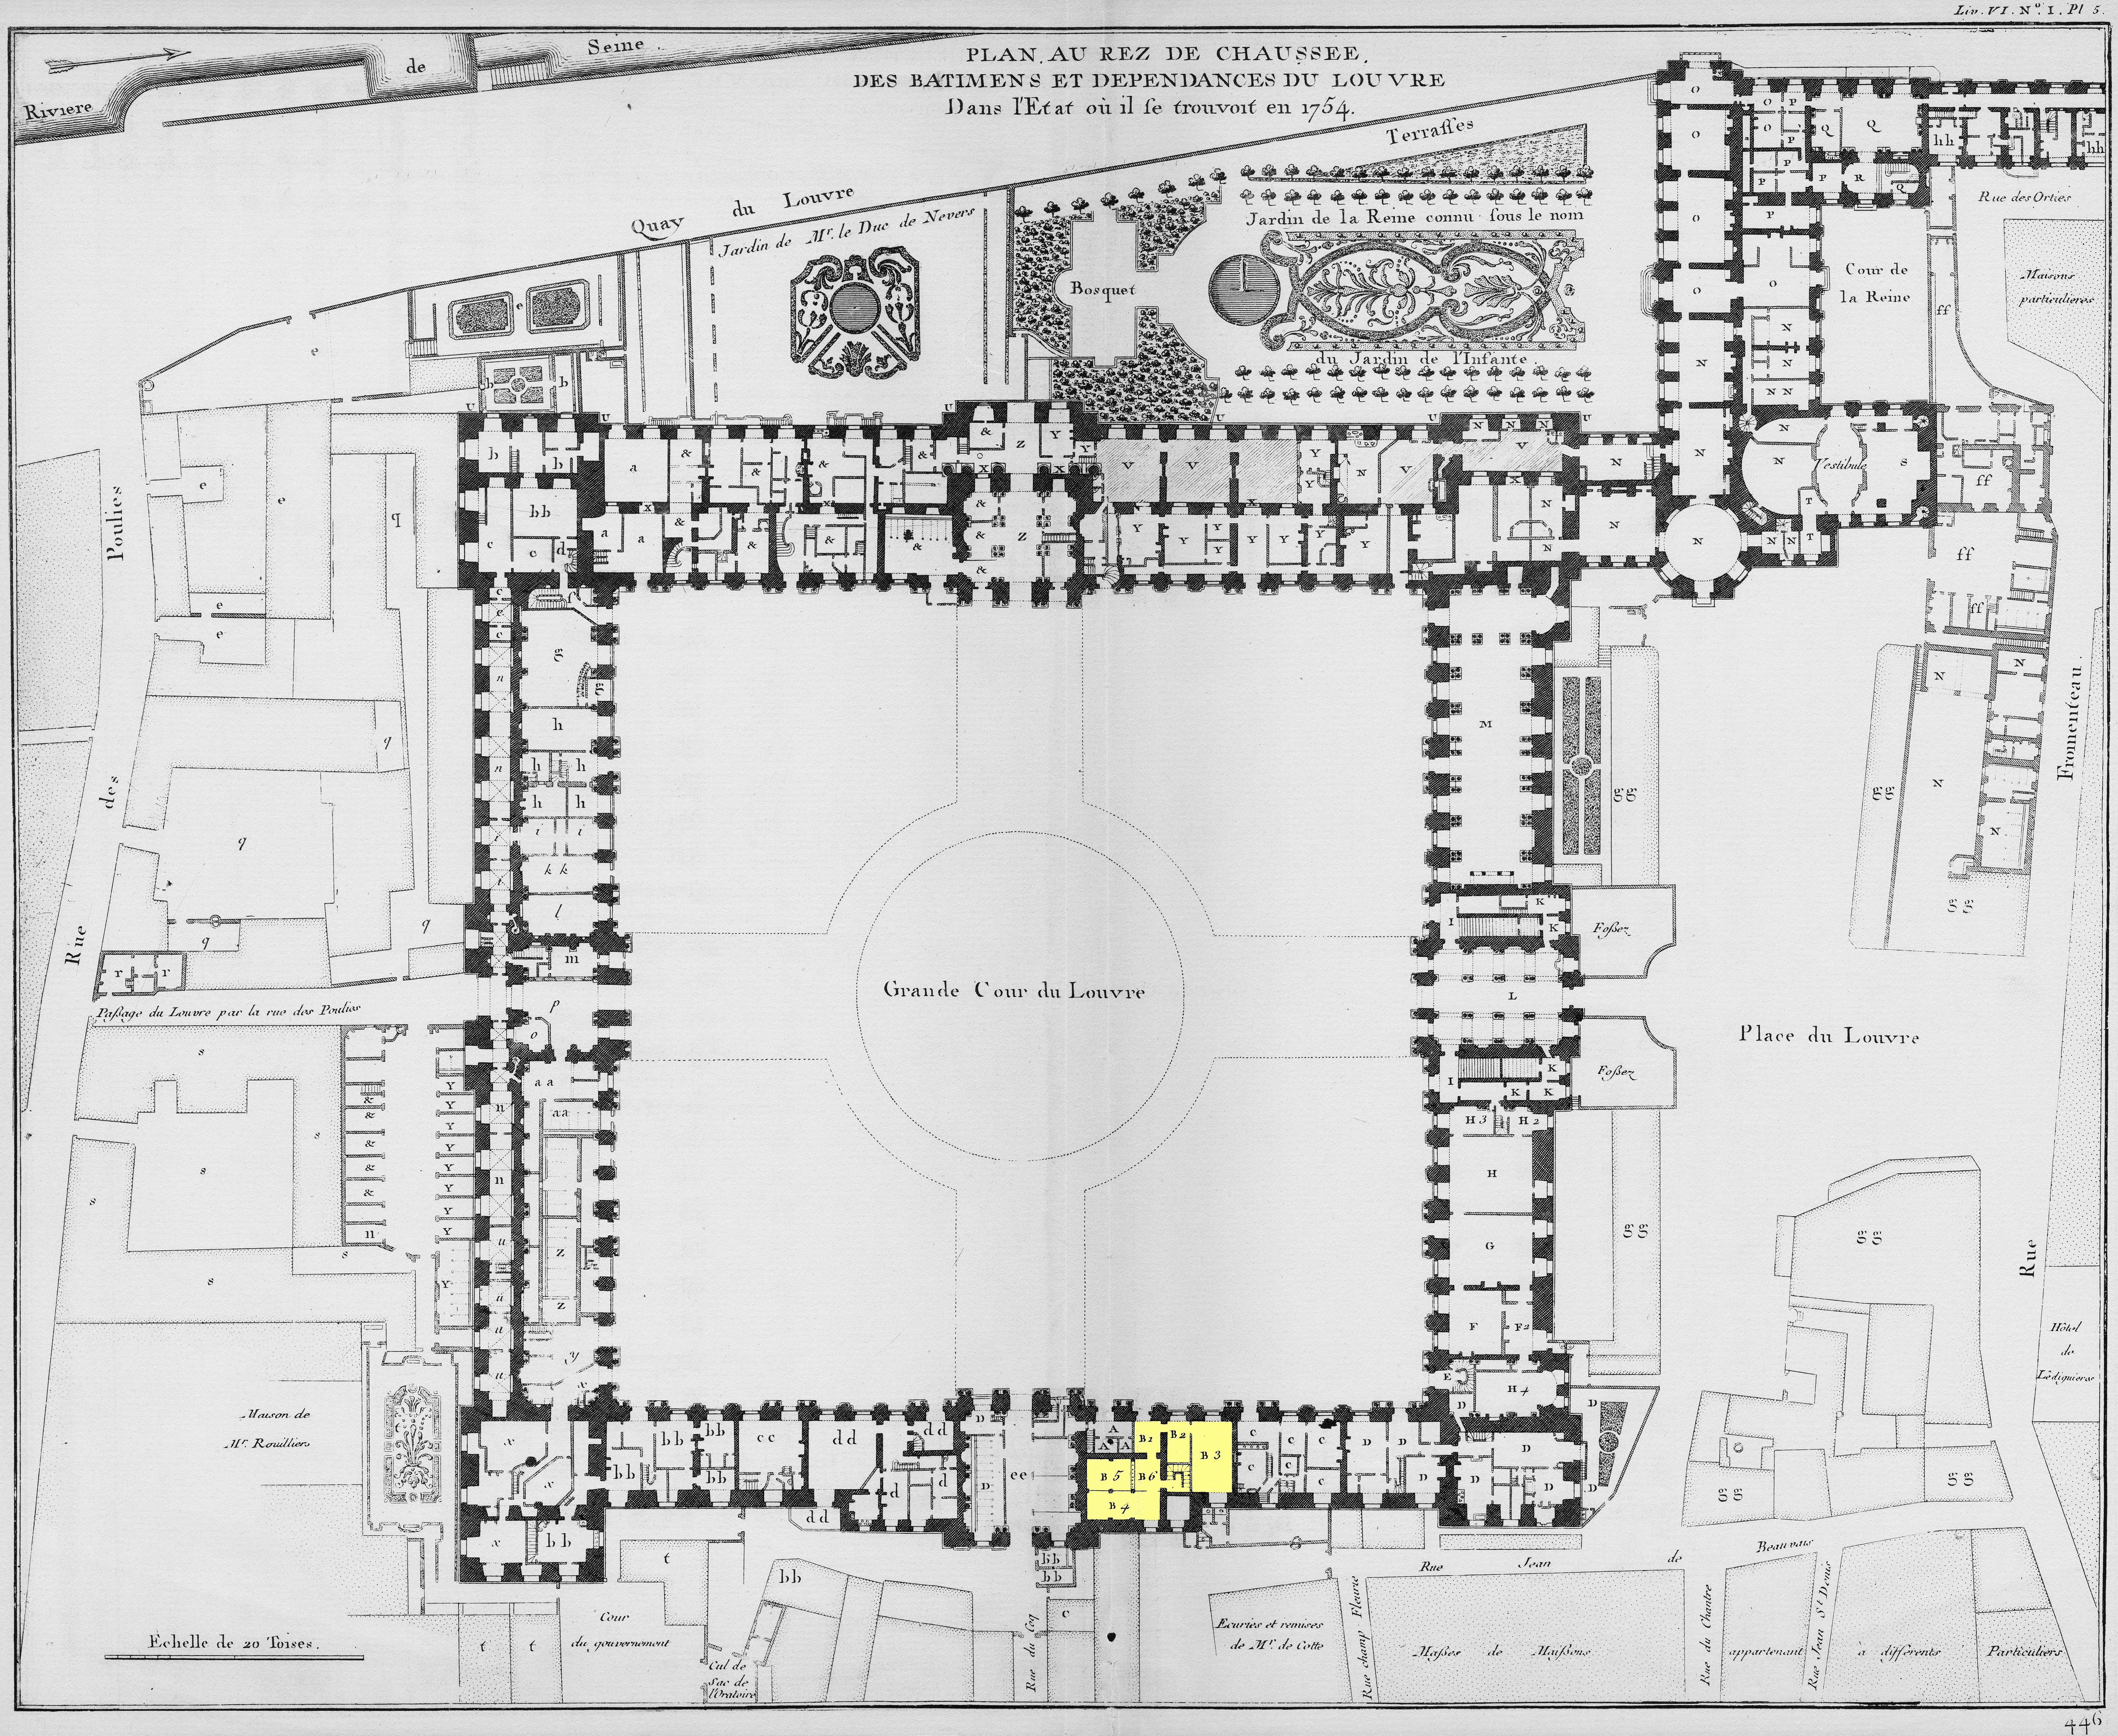 Filelouvre plan au rez de chaussée architecture françoise tome4 livre6